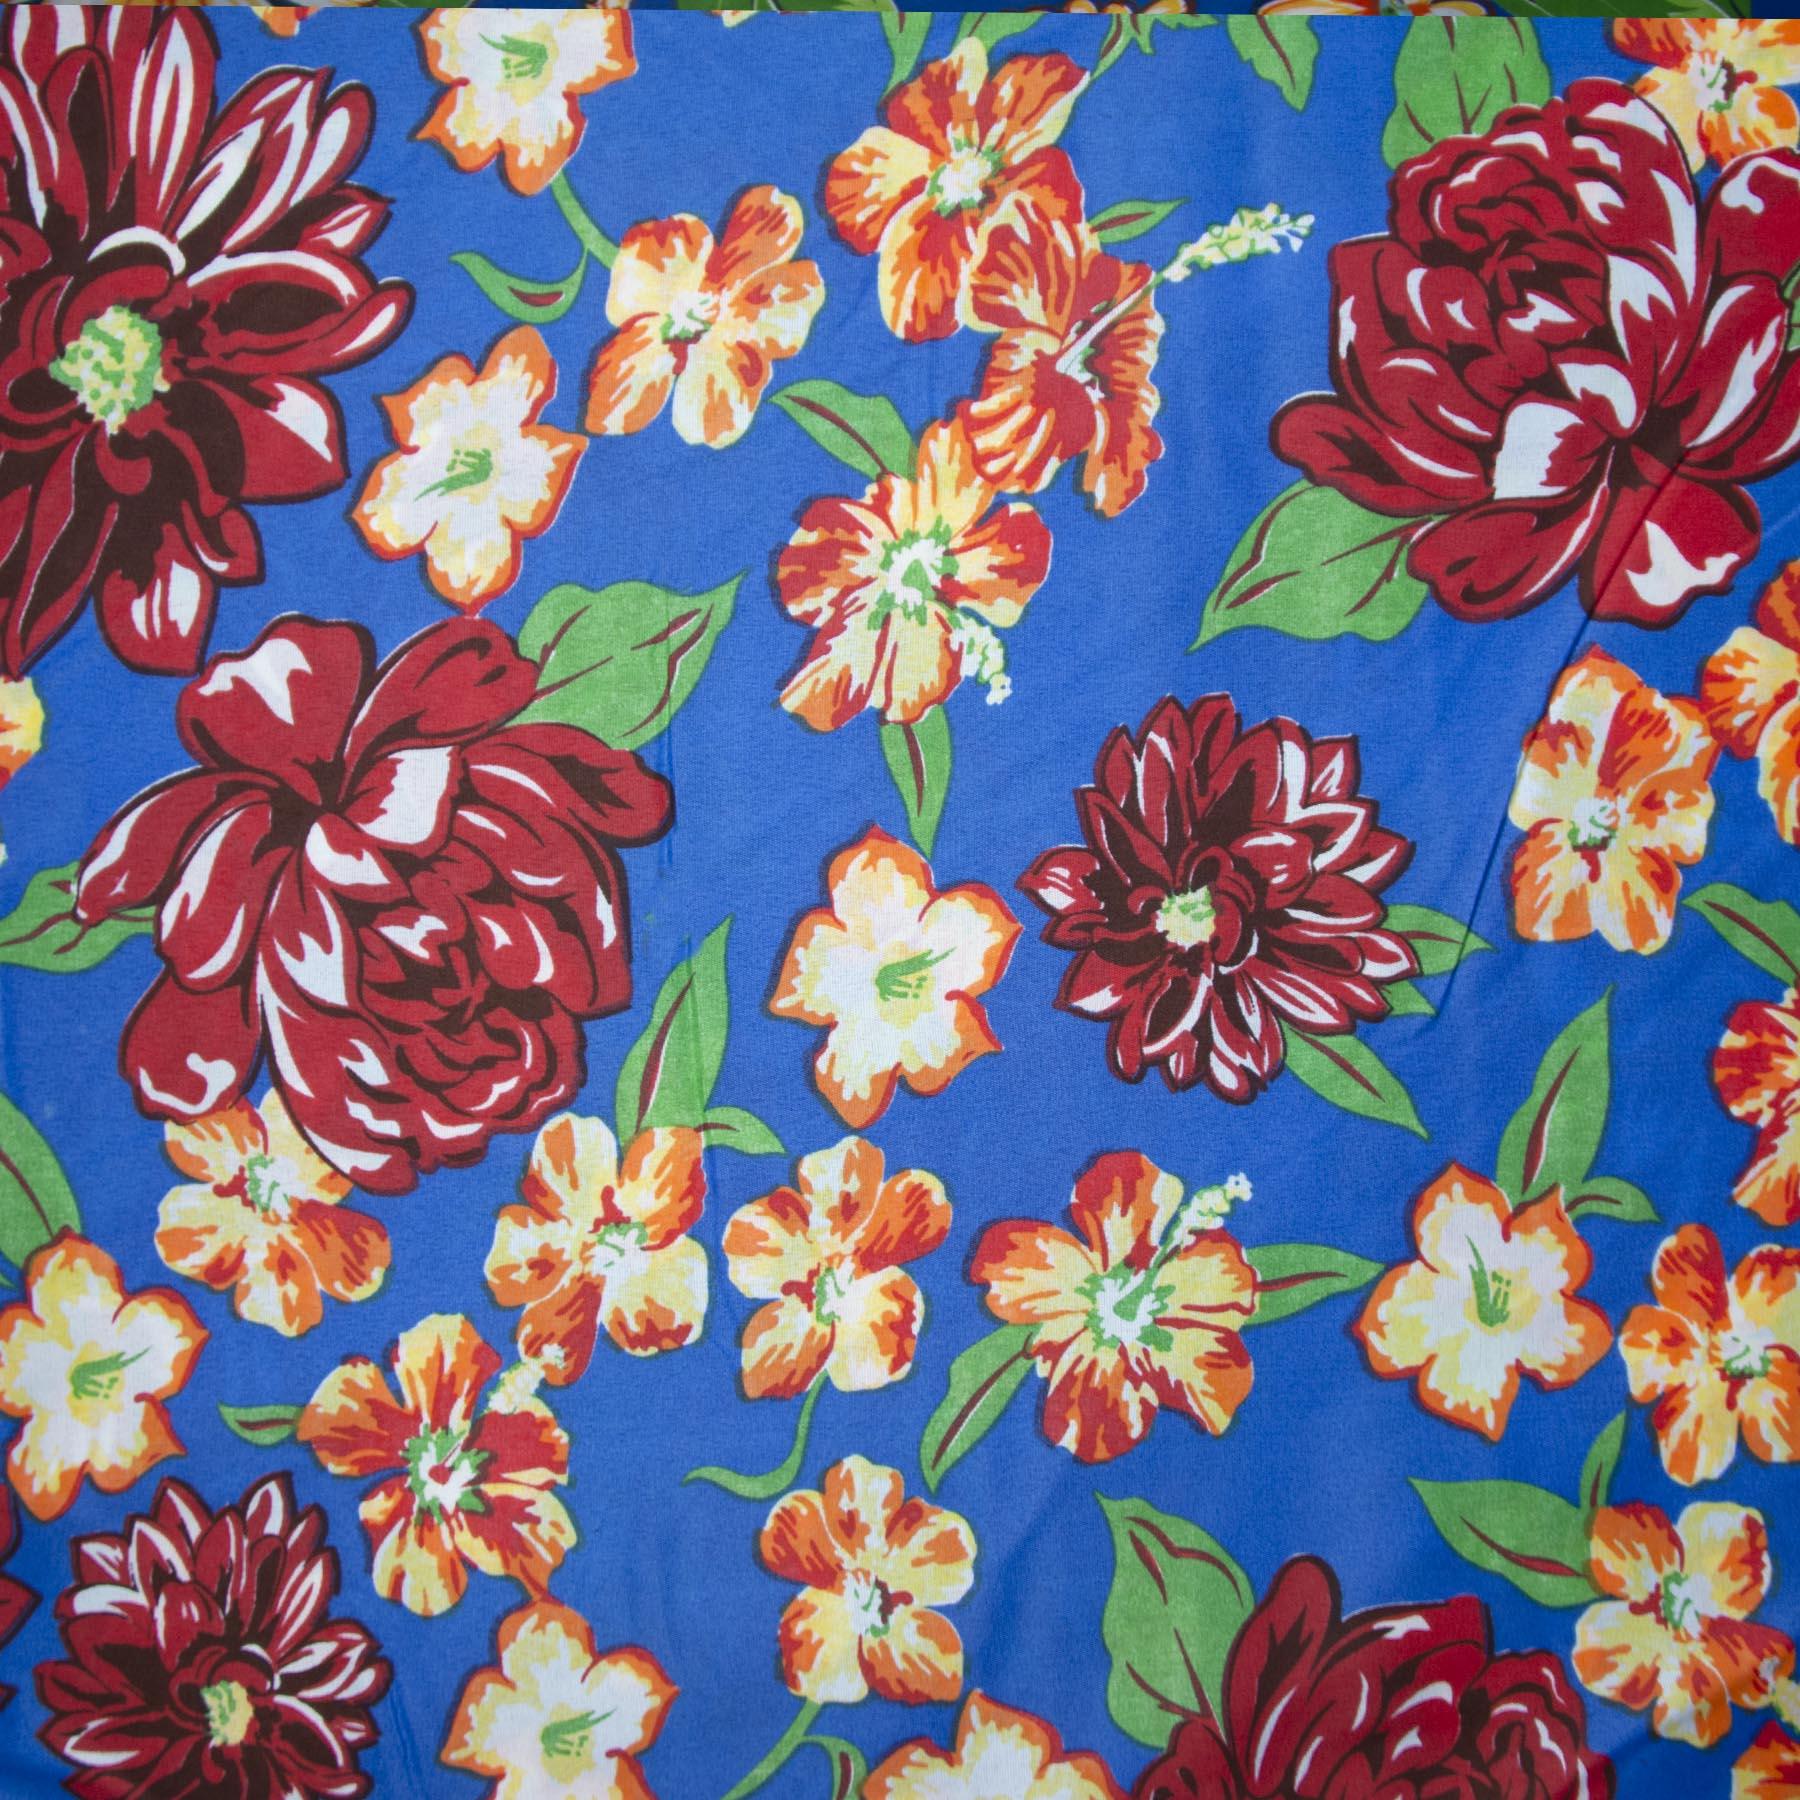 Tecido chitão 100% poliéster estampado Rosas vermelho escuro com fundo azul